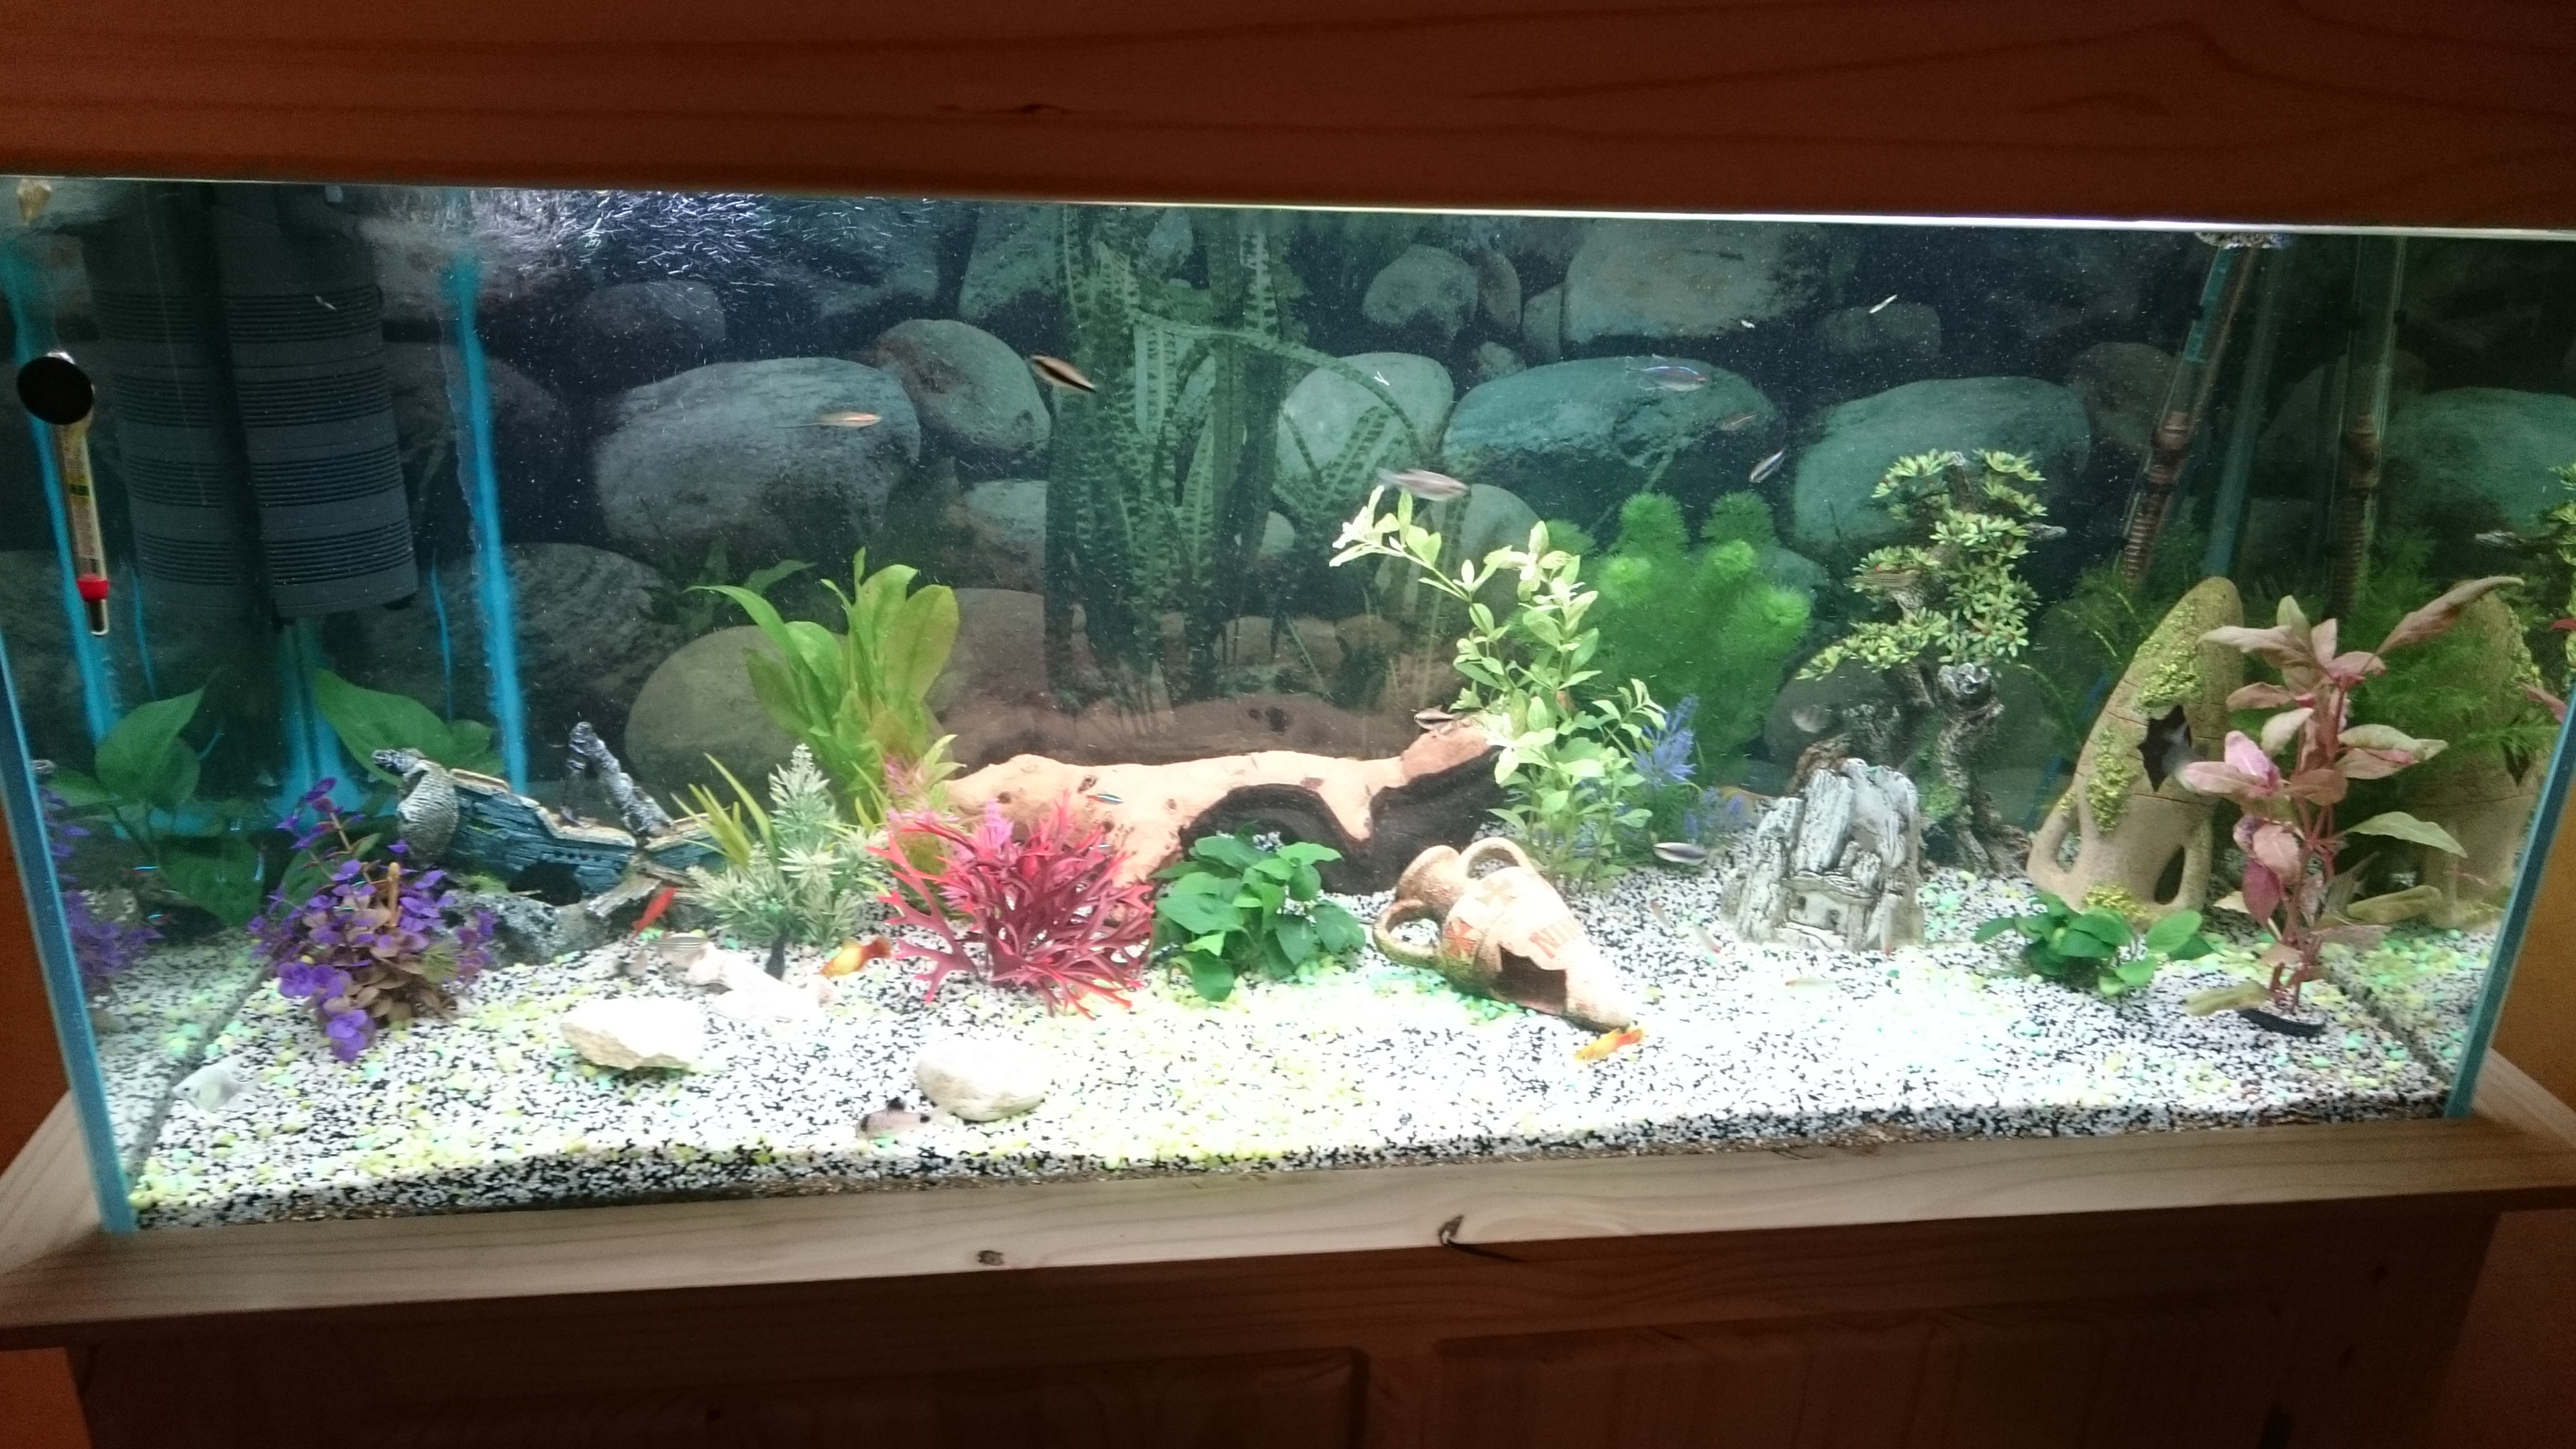 http://kimikooo.free.fr/Aquarium/DSC_0223.JPG